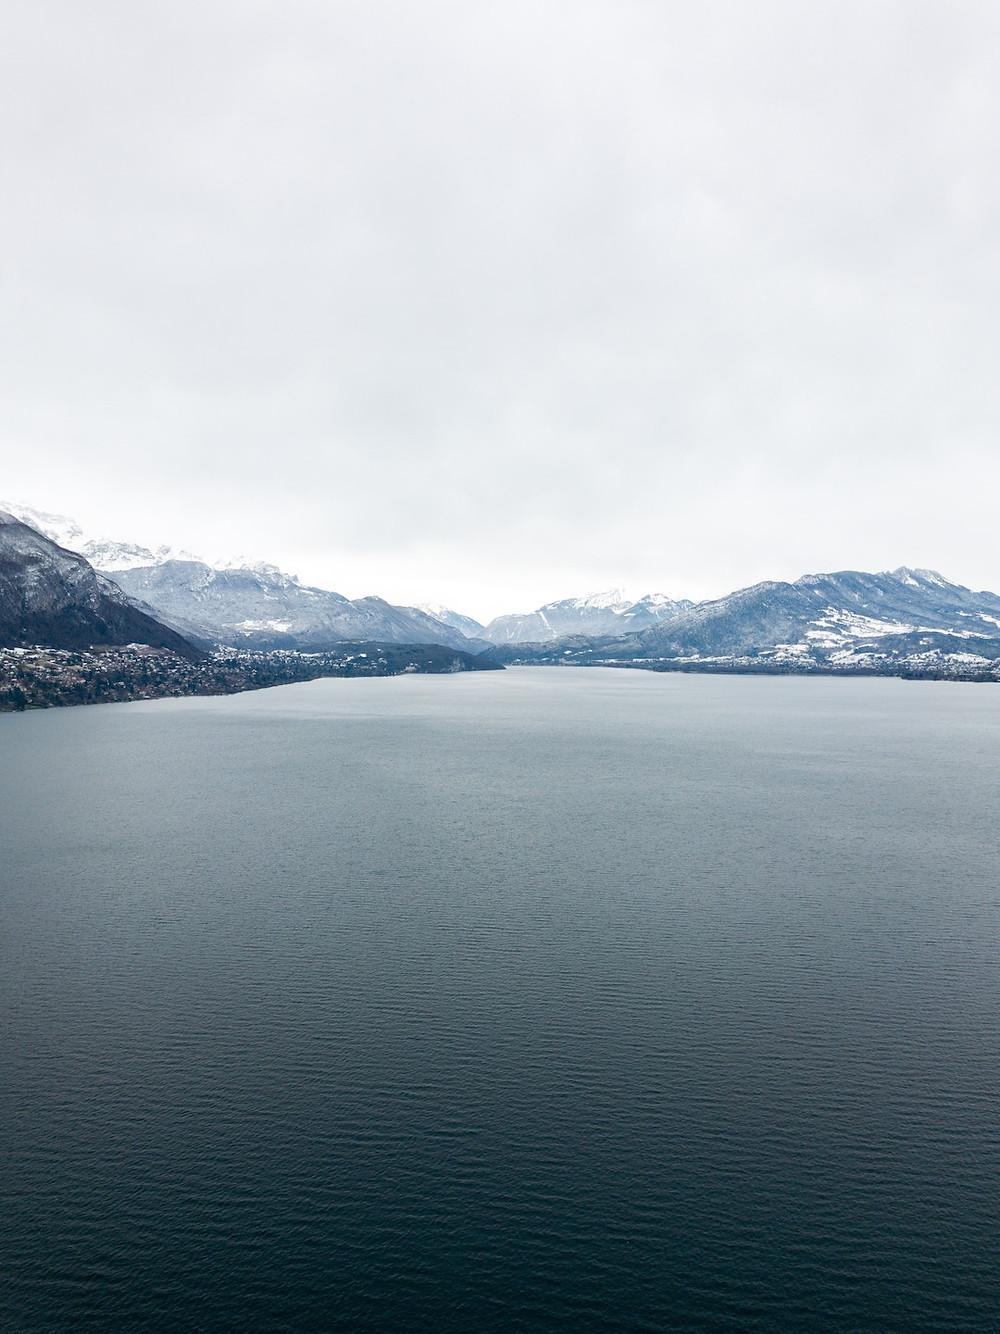 Lac d'Annecy plus beau lieu à visiter tourisme dans la région Auvergne-Rhône-Alpes